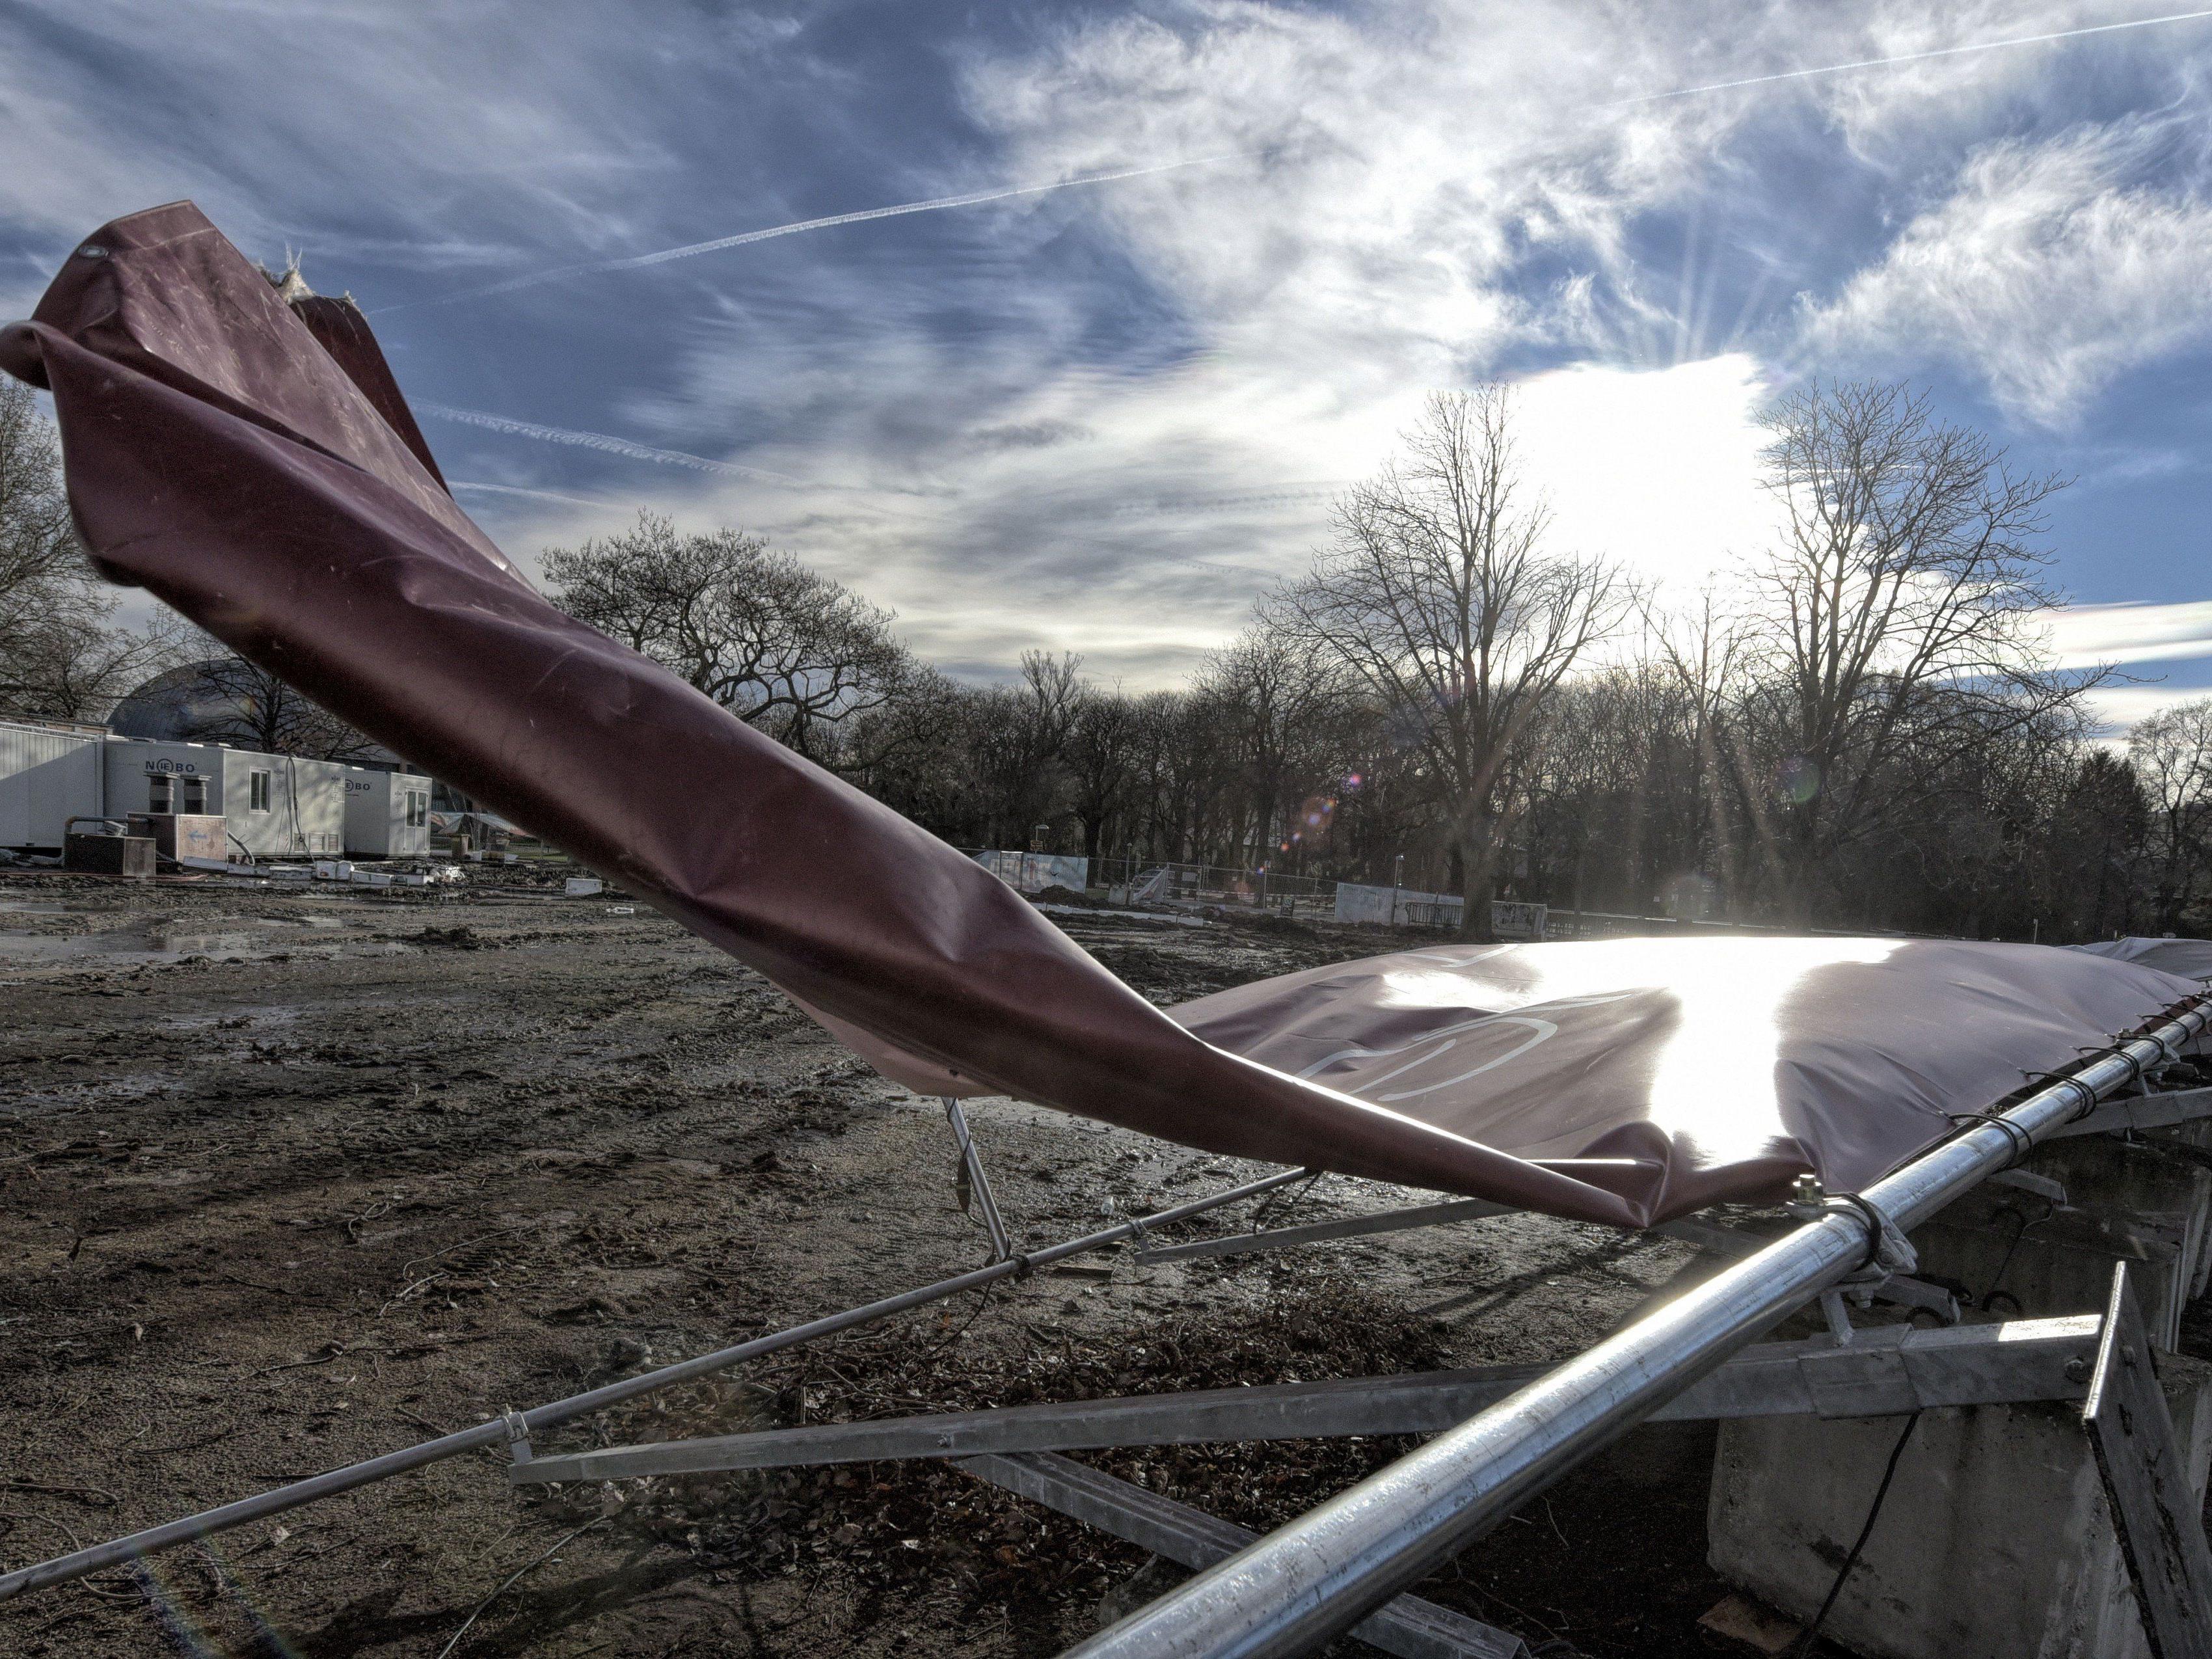 Vielfach halten Bauzäune und Co. dem derzeitigen Sturm in Wien nicht stand